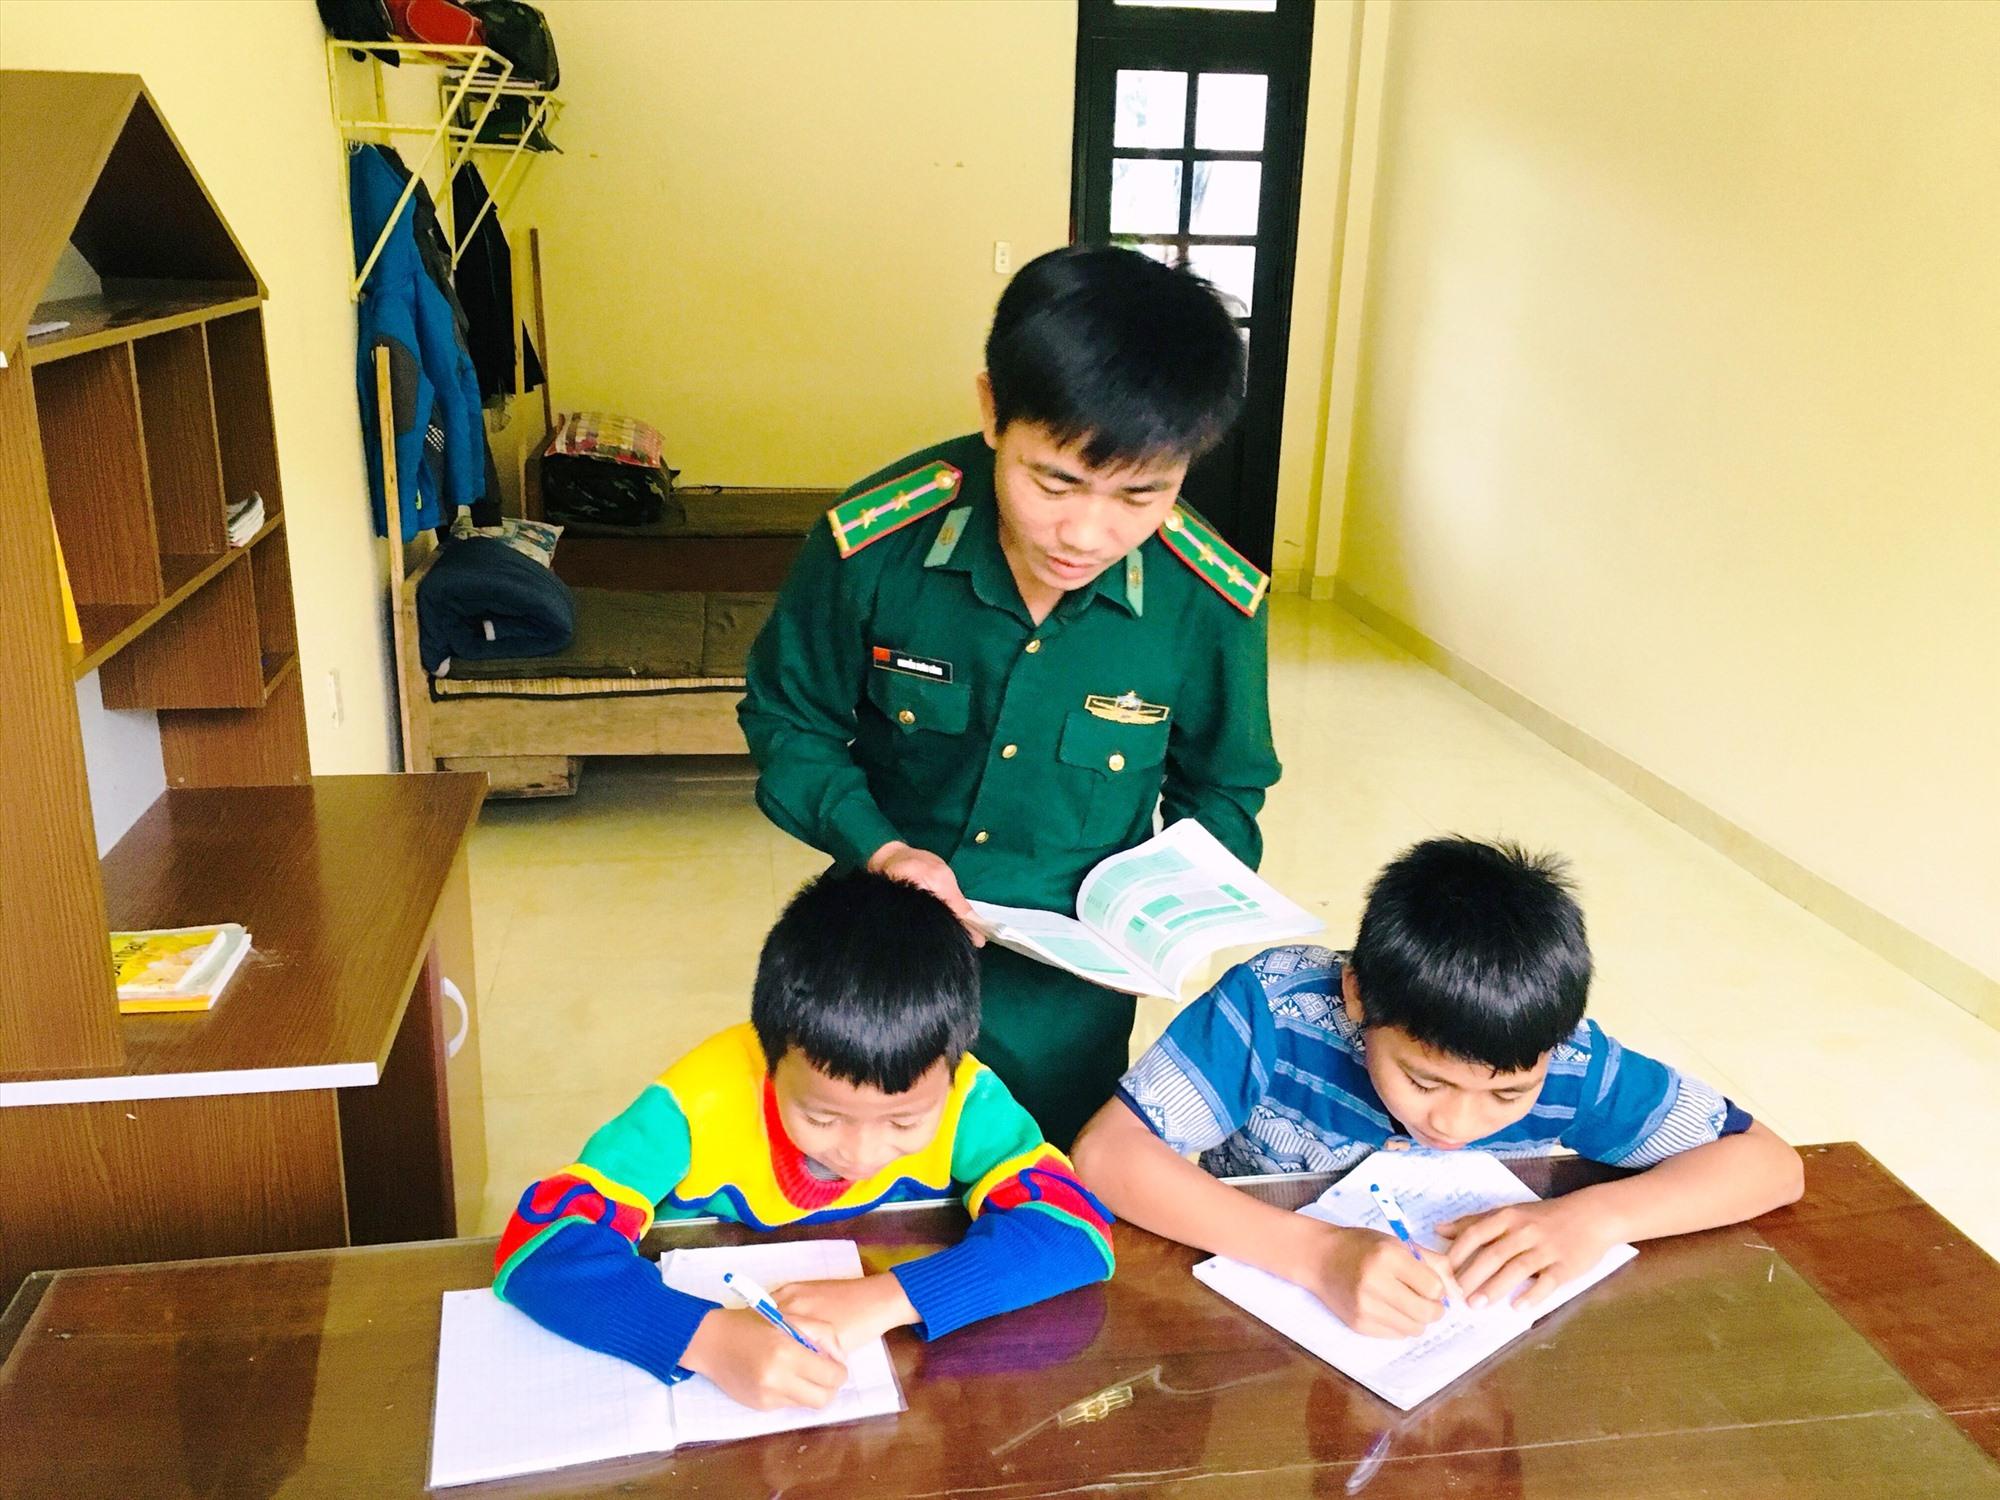 Chiến sĩ Đồn Biên phòng La Êê kèm cặp dạy hai em học bài. Ảnh: V.VINH